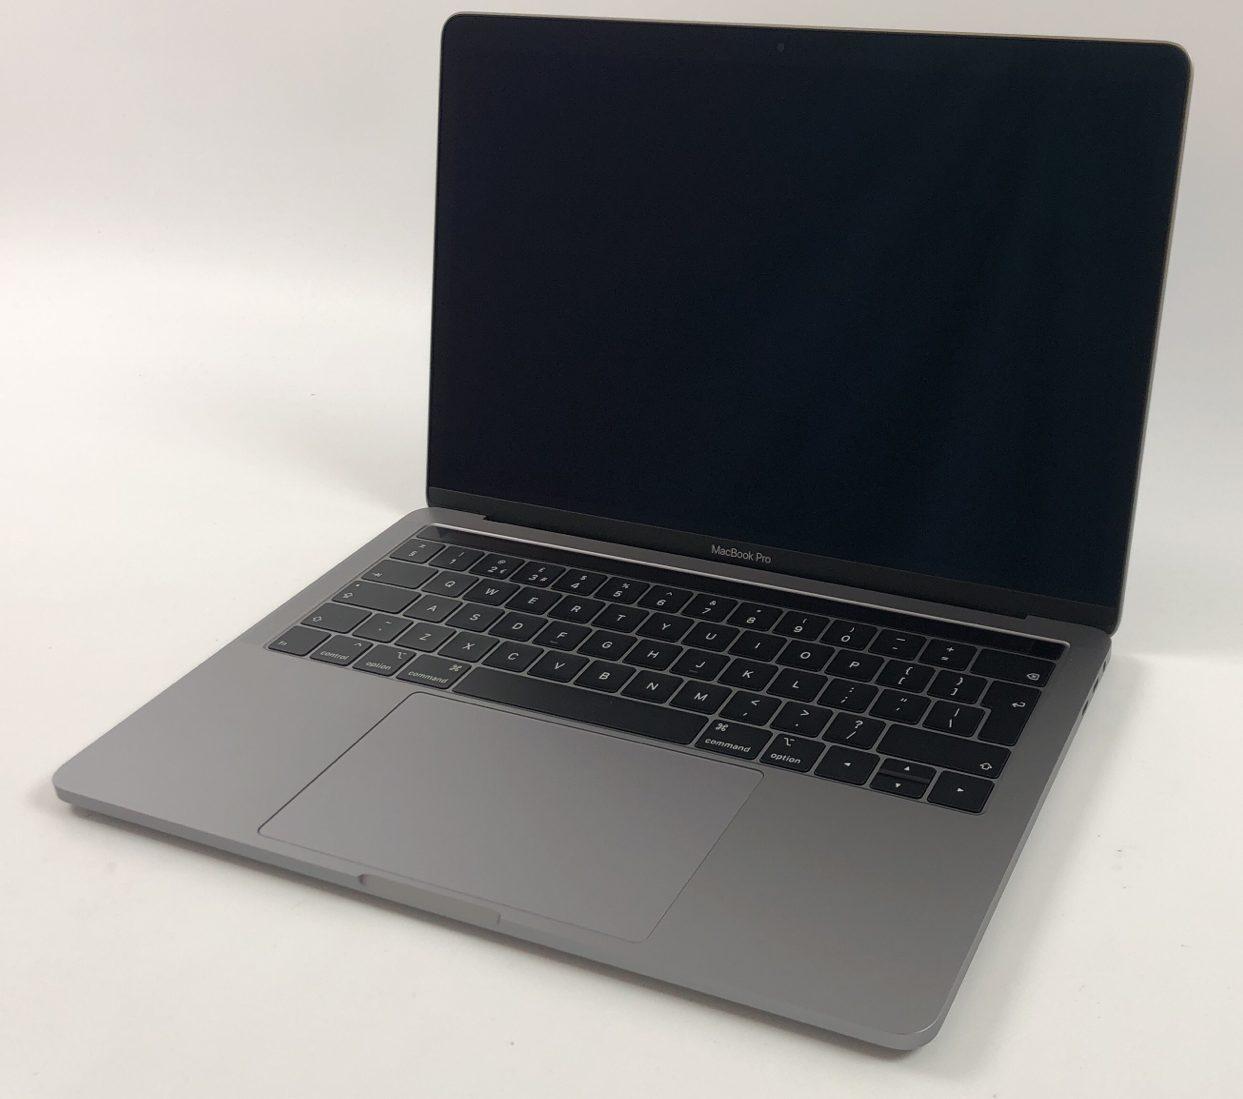 """MacBook Pro 13"""" 4TBT Mid 2018 (Intel Quad-Core i5 2.3 GHz 16 GB RAM 512 GB SSD), Space Gray, Intel Quad-Core i5 2.3 GHz, 16 GB RAM, 512 GB SSD, image 1"""